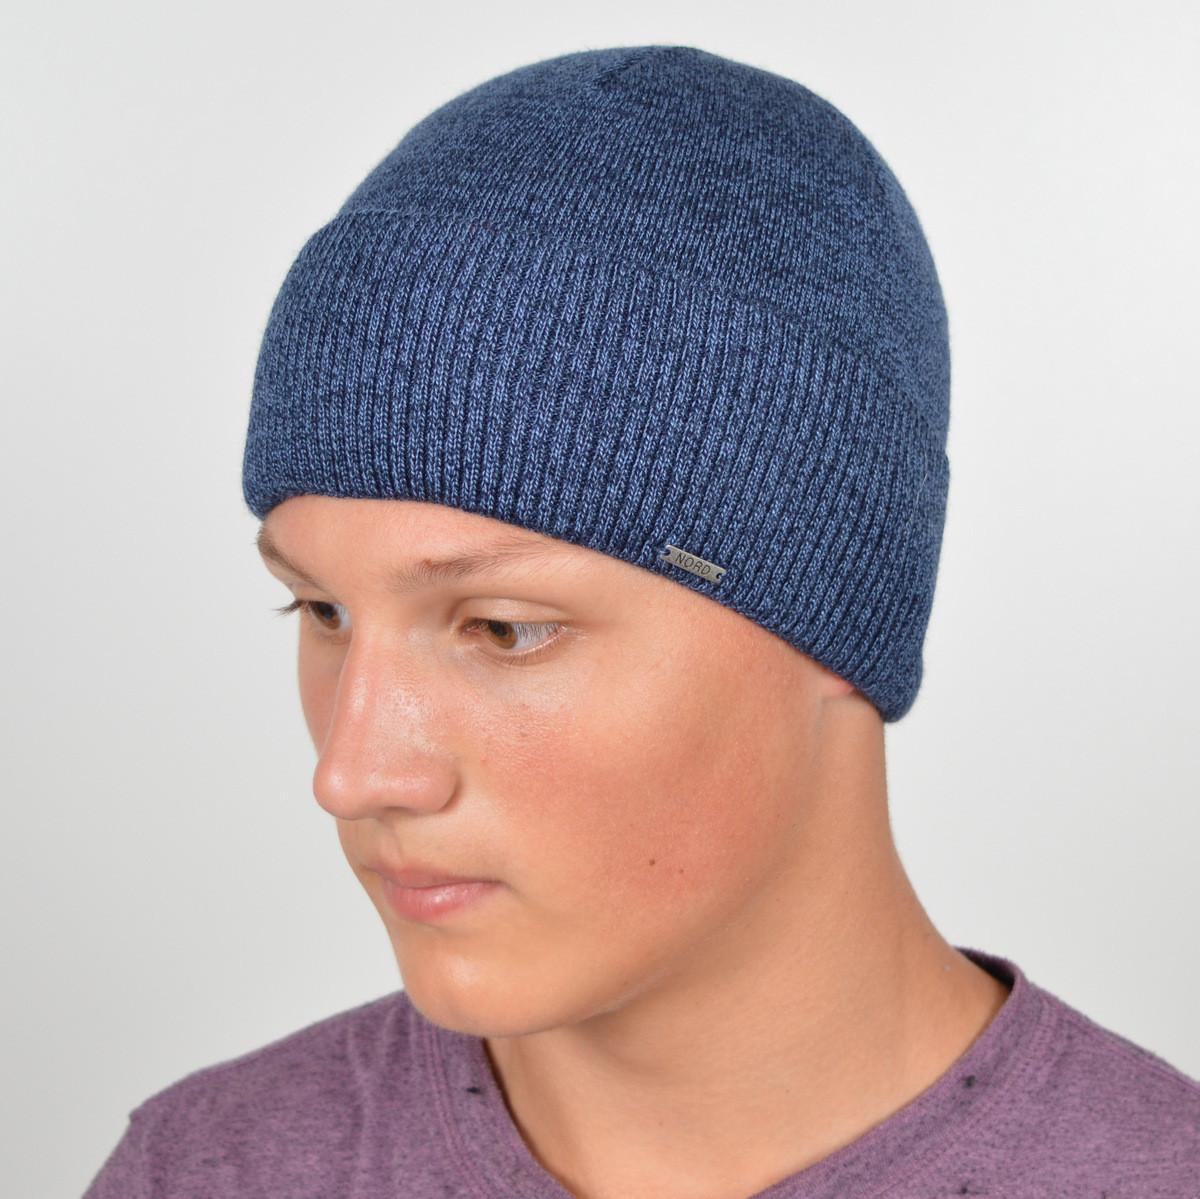 Мужская вязанная шапка NORD с отворотом джинс меланж